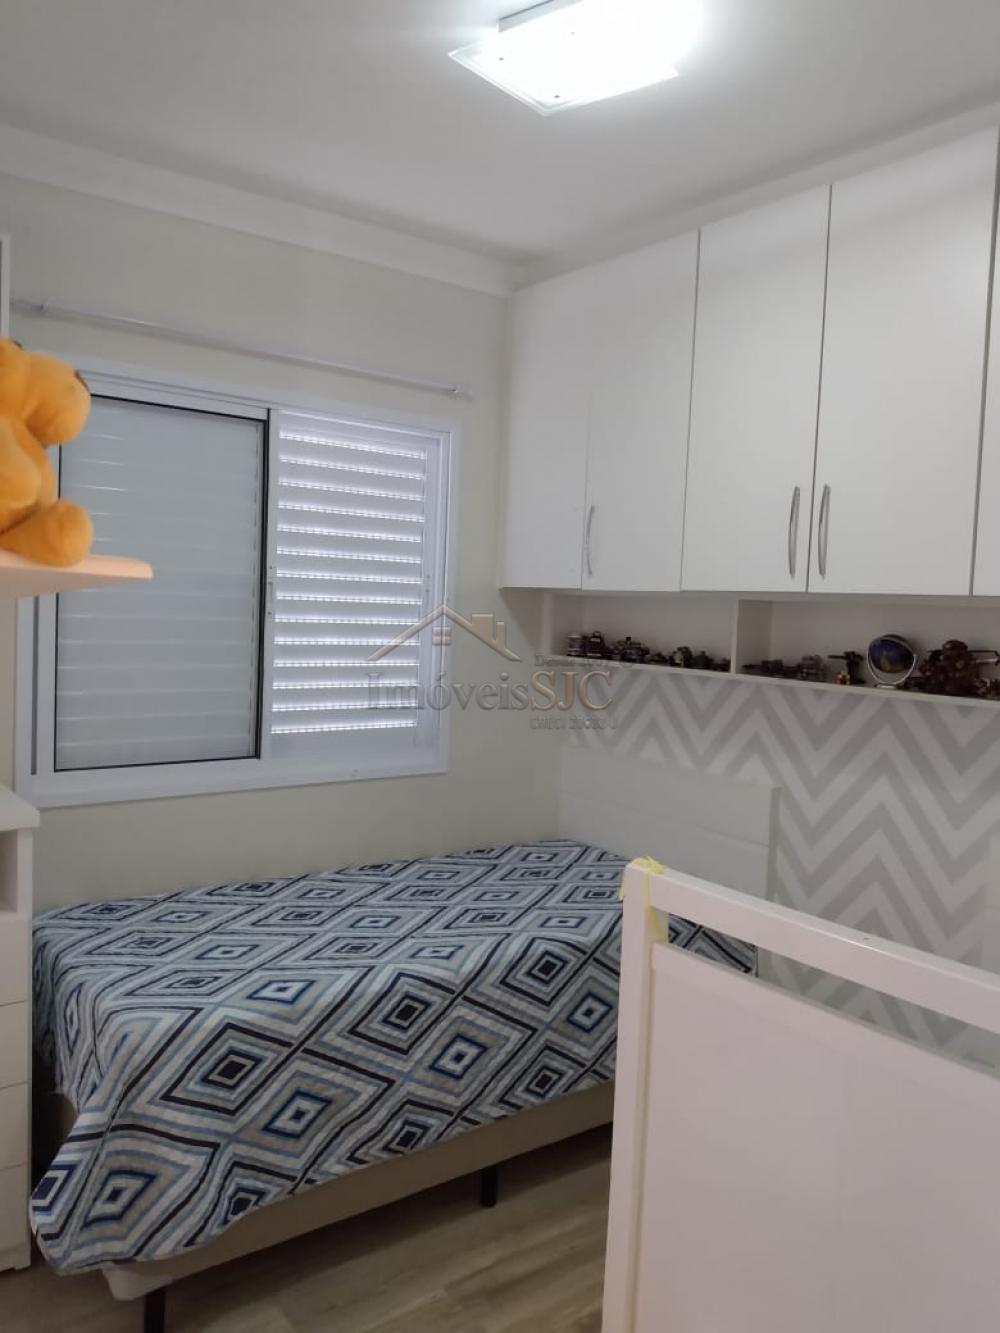 Comprar Apartamentos / Padrão em São José dos Campos apenas R$ 585.000,00 - Foto 20